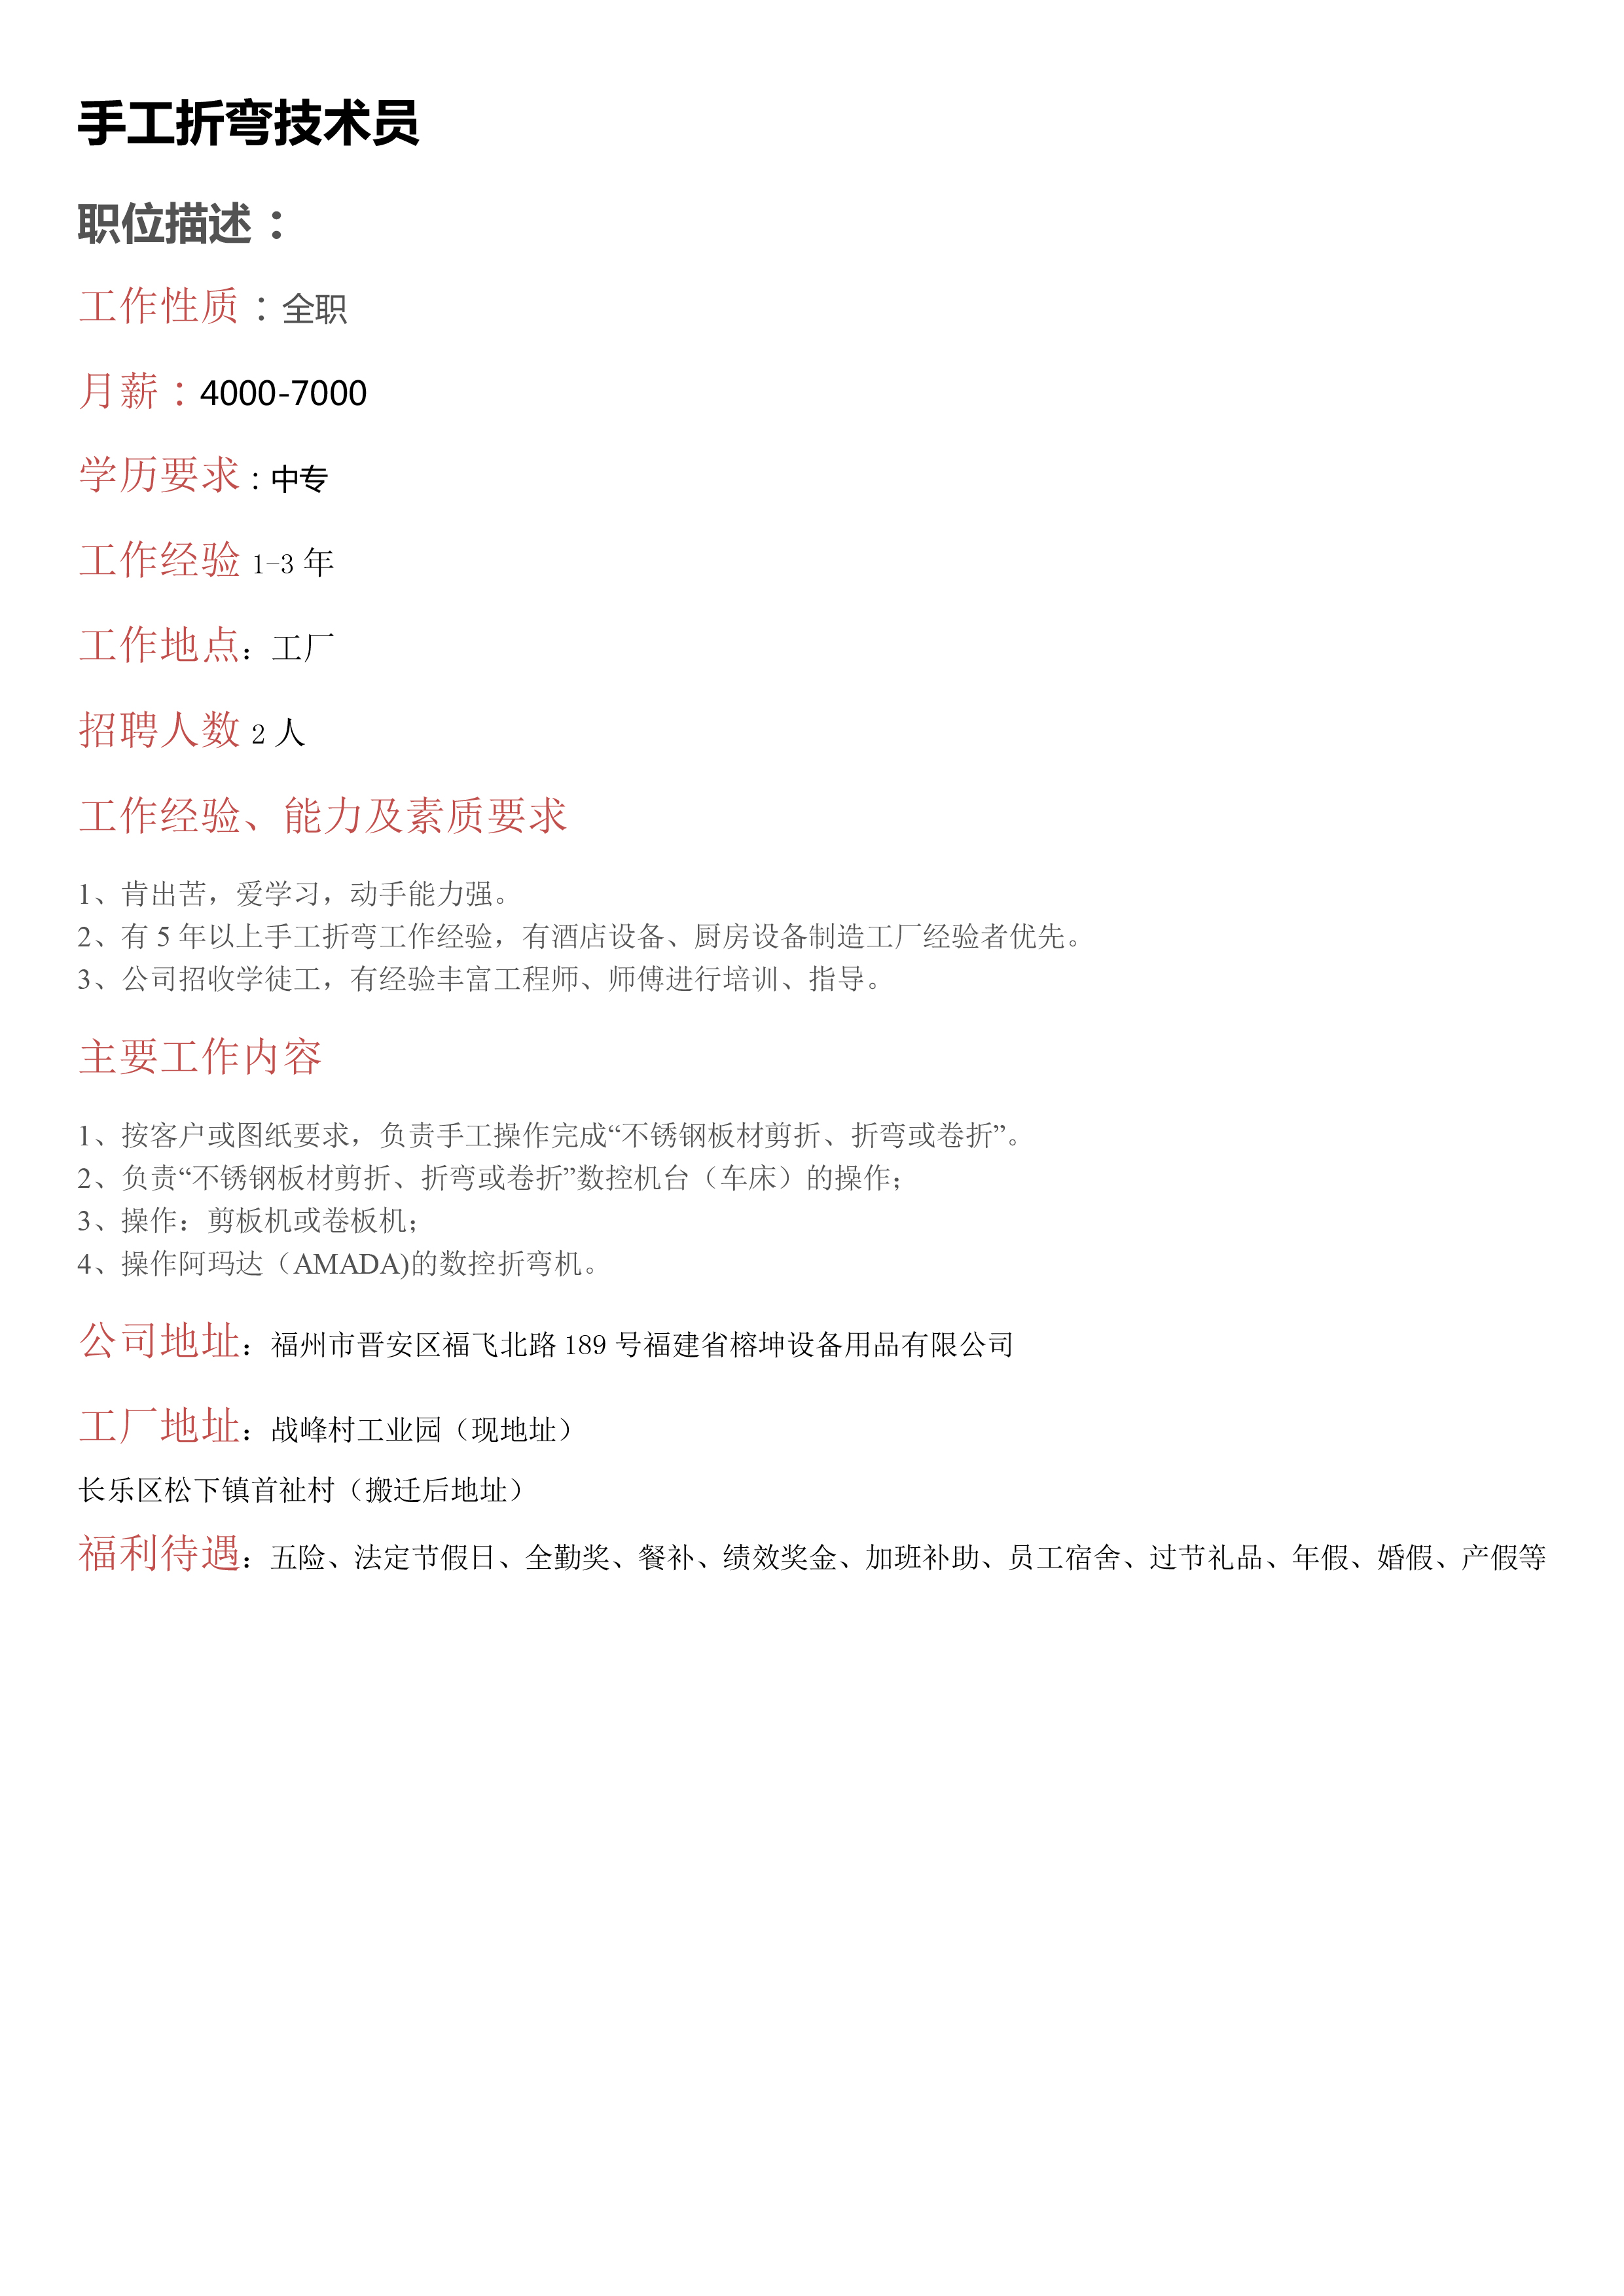 榕坤招聘岗位1-16 拷贝.jpg